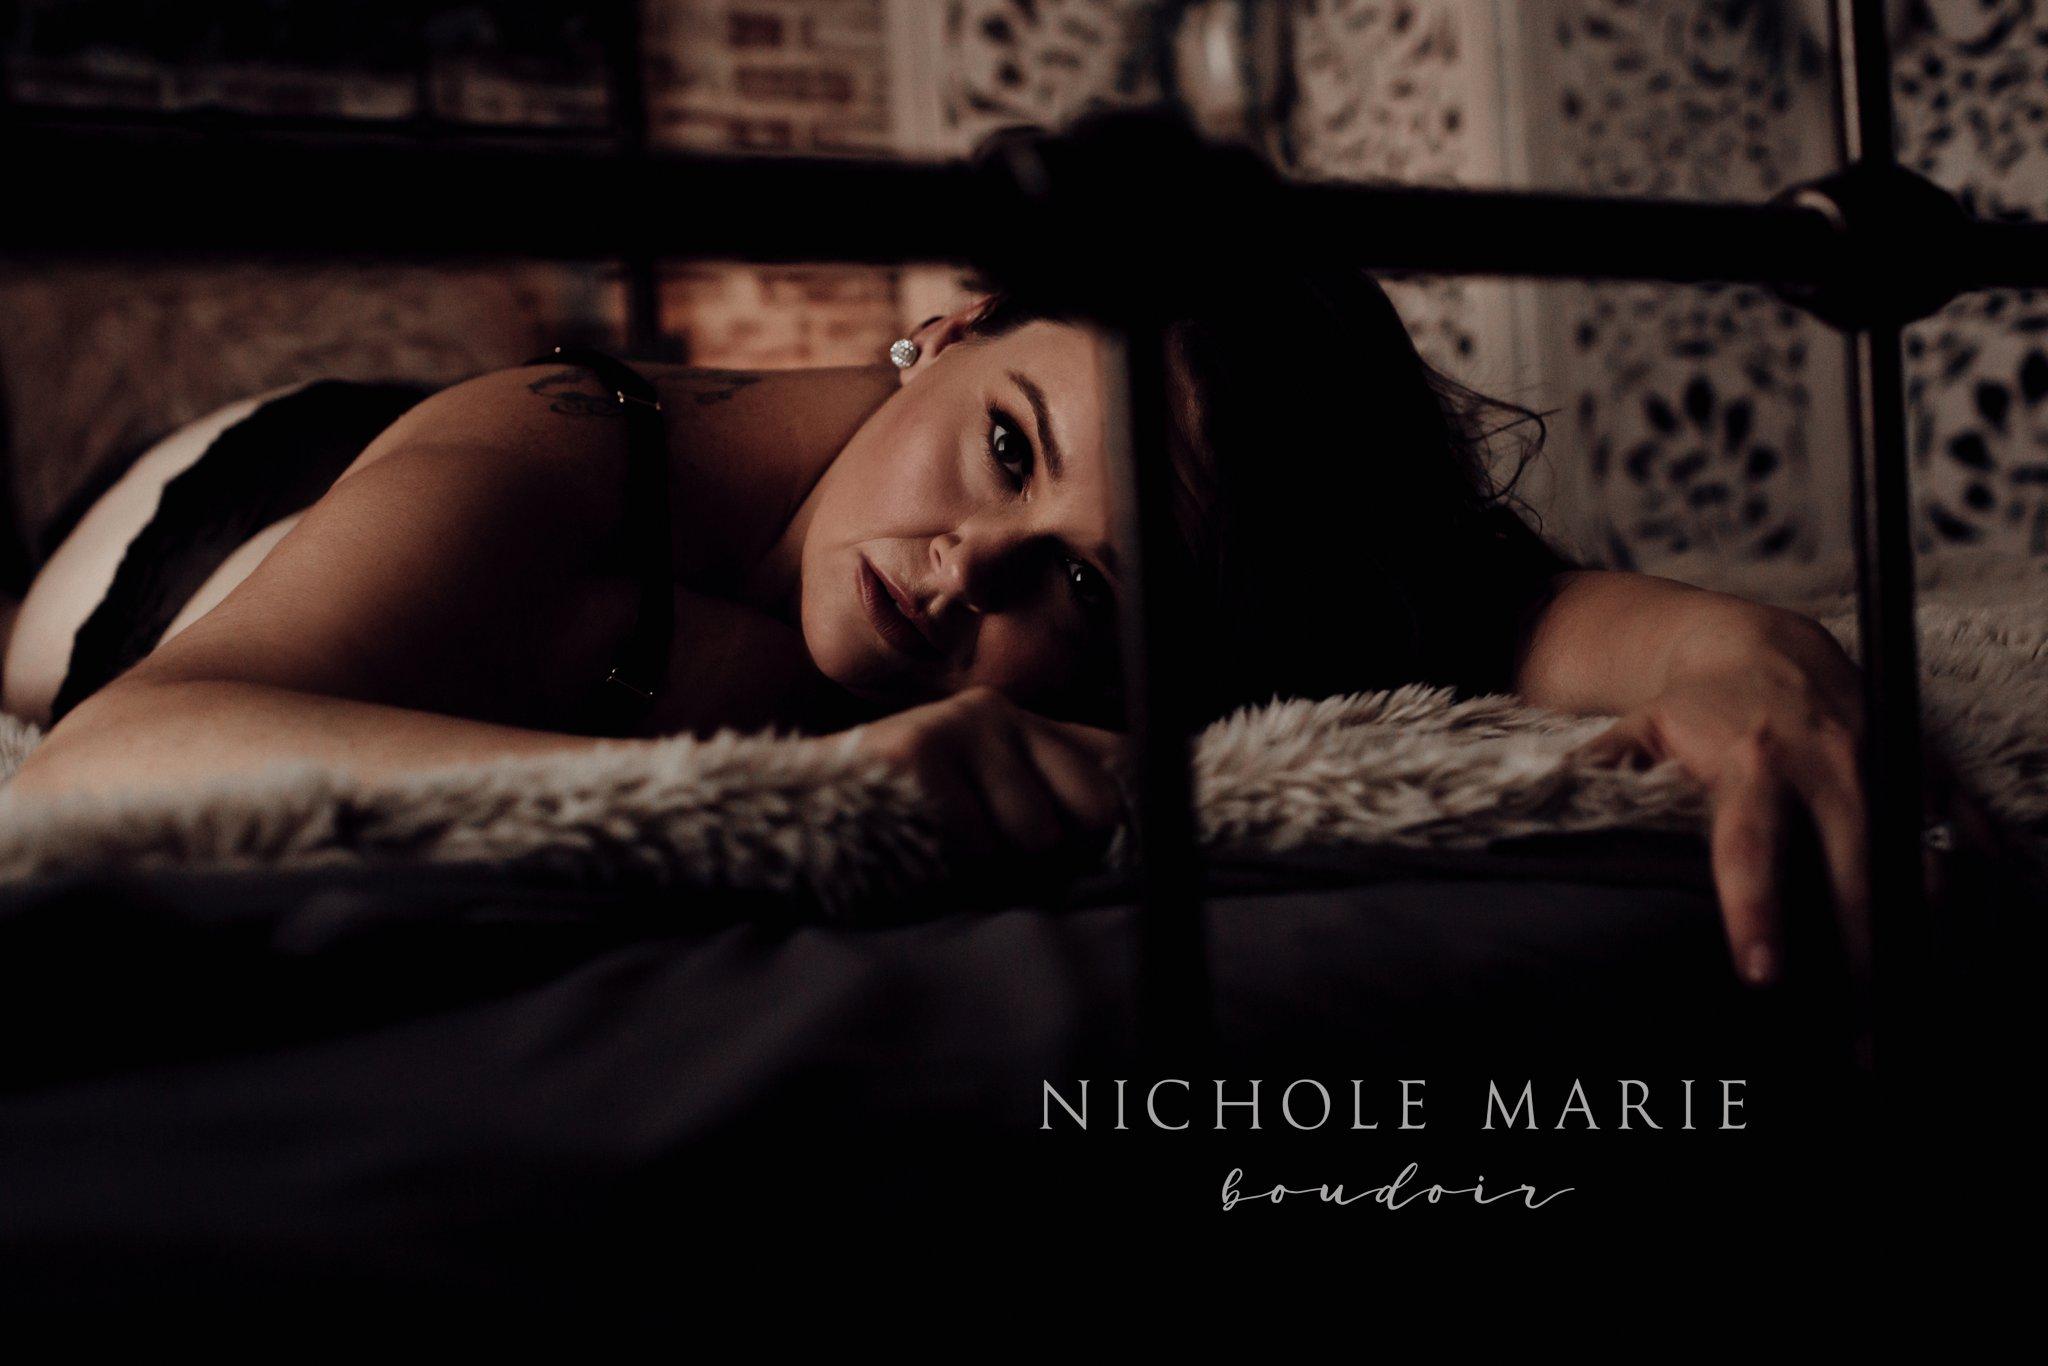 SEBASTIAN FLORIDA BOUDOIR PHOTOGRAPHER | NICHOLE MARIE BOUDOIR_0458.jpg